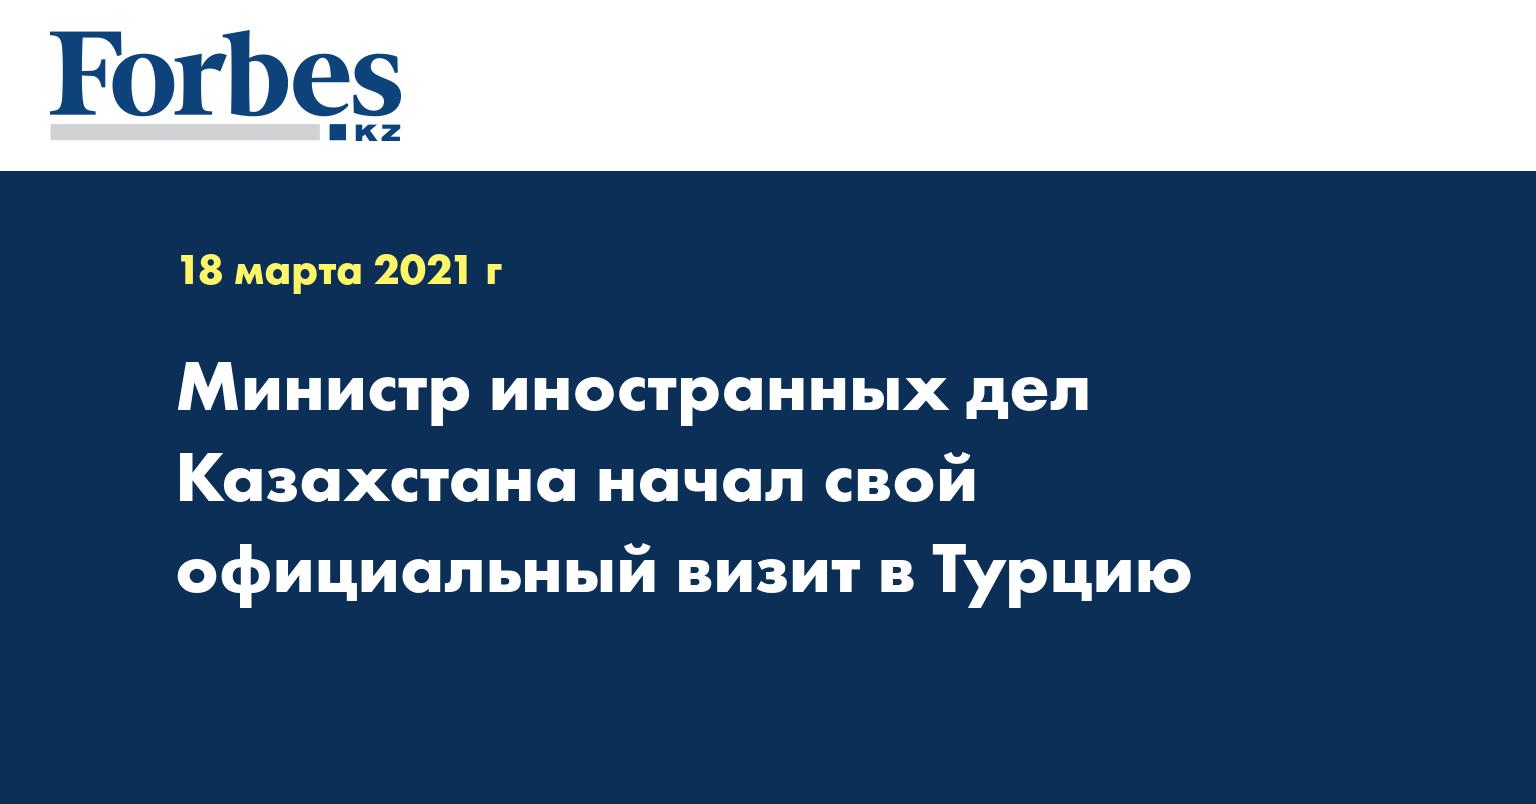 Министр иностранных дел Казахстана начал свой официальный визит в Турцию